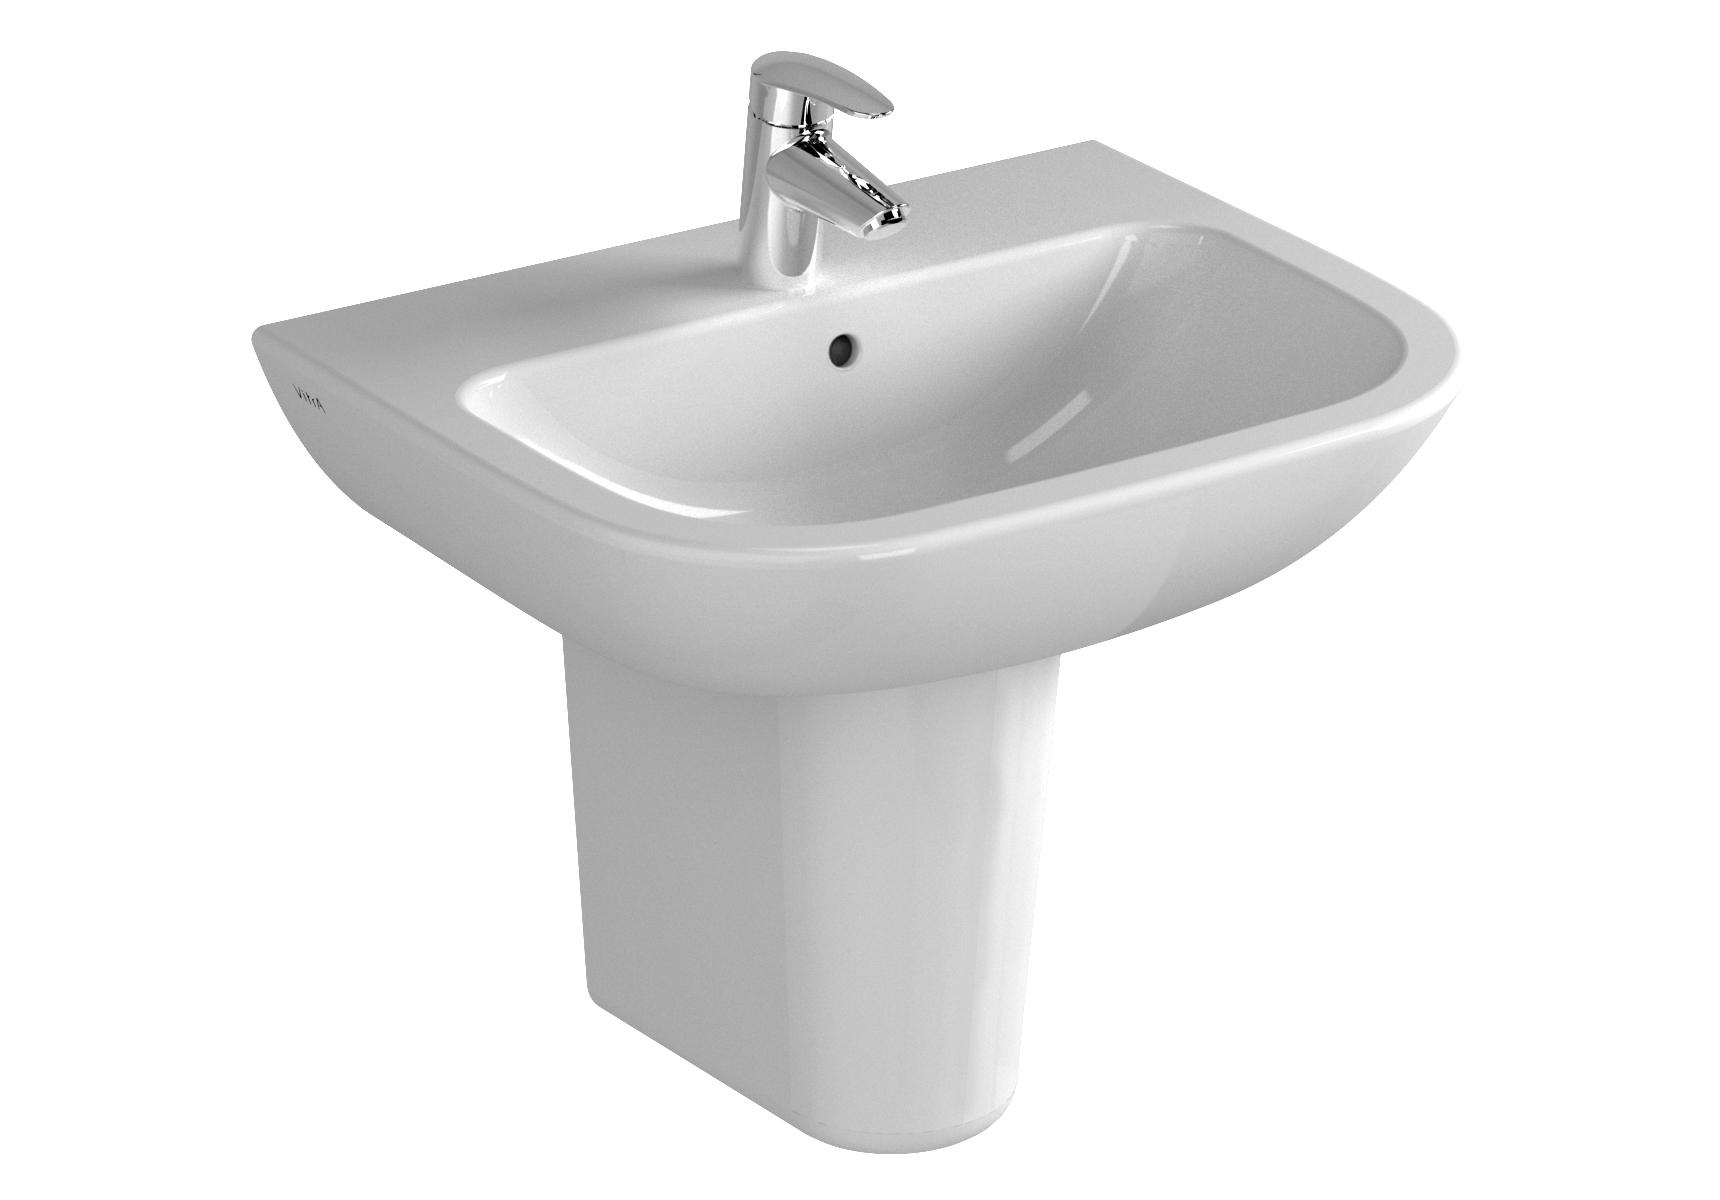 S20 Waschtisch, 55 cm, 1 Hahnloch mittig, ohne Überlaufloch, Weiß